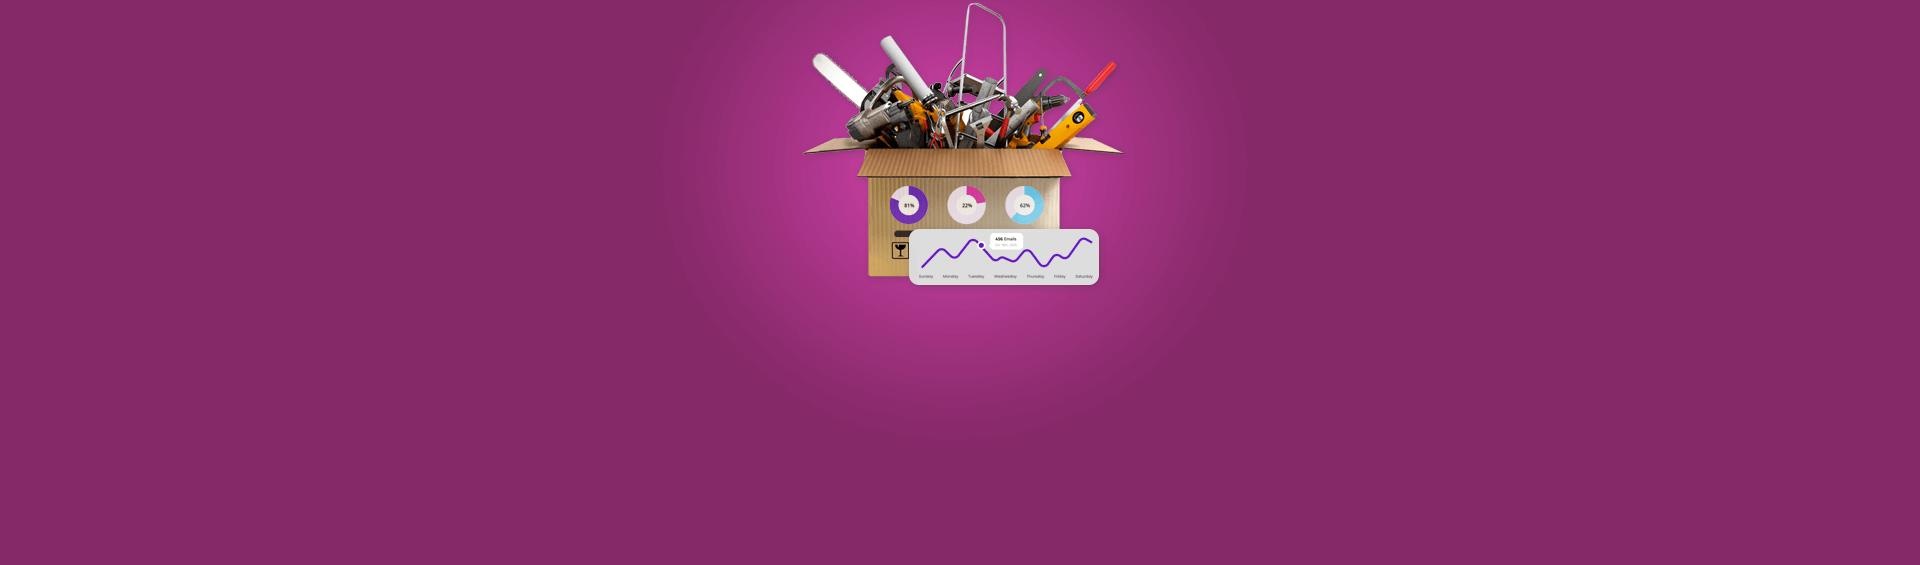 150 лучших инструментов маркетинга: для аналитики, продвижения товаров,  работы с сайтом и многого другого